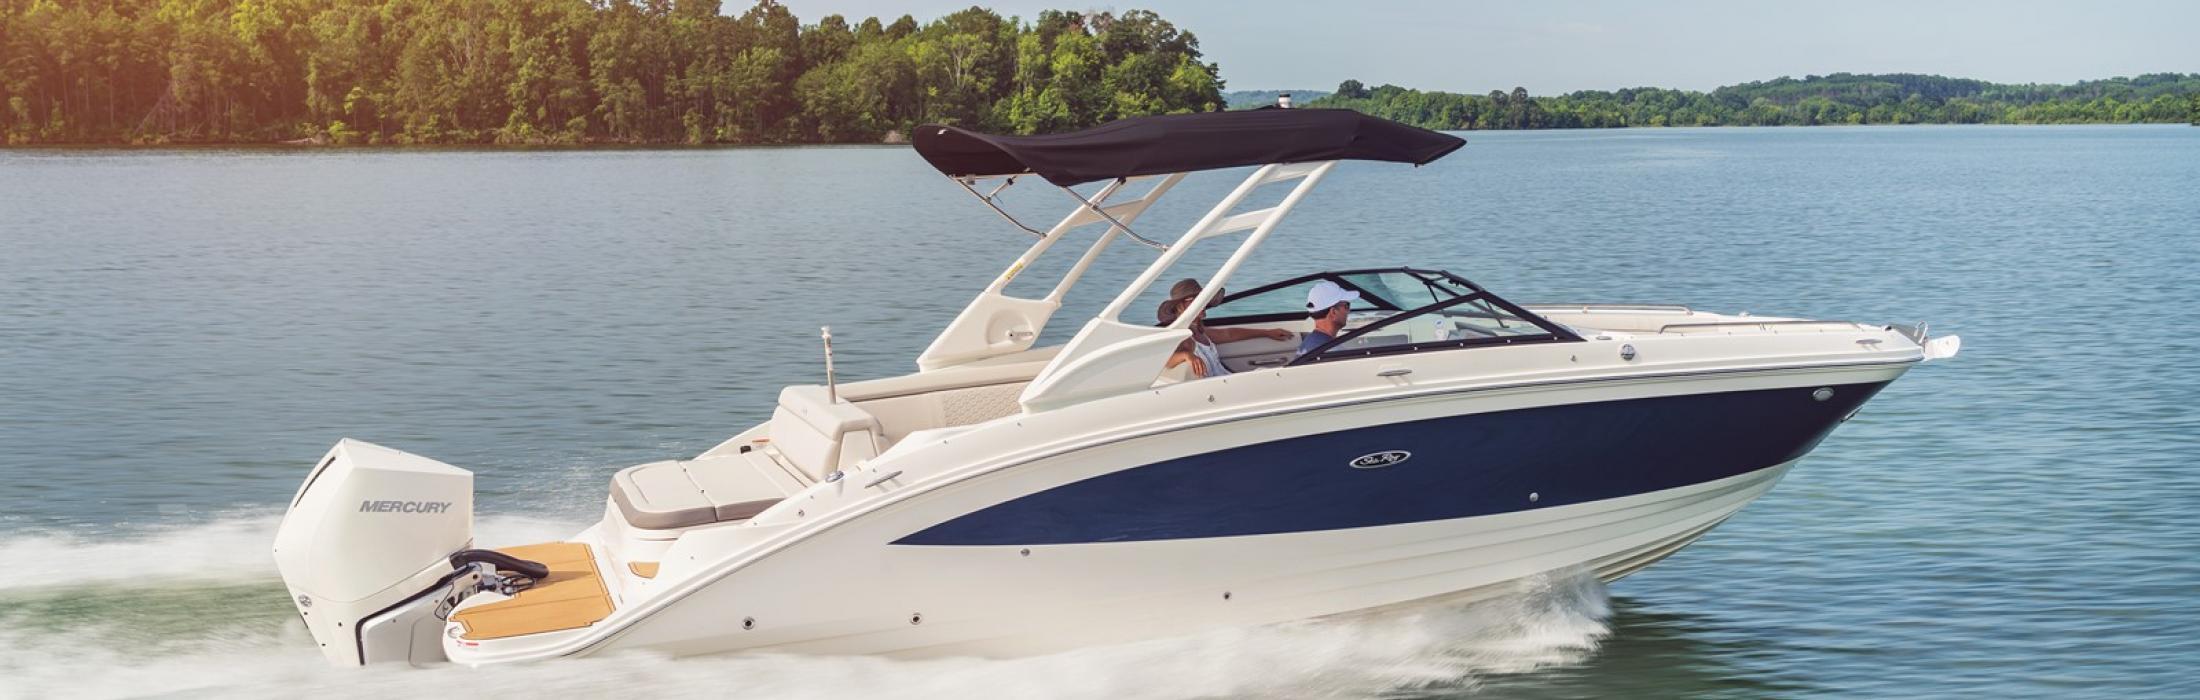 SEA RAY 270 SDX H/B